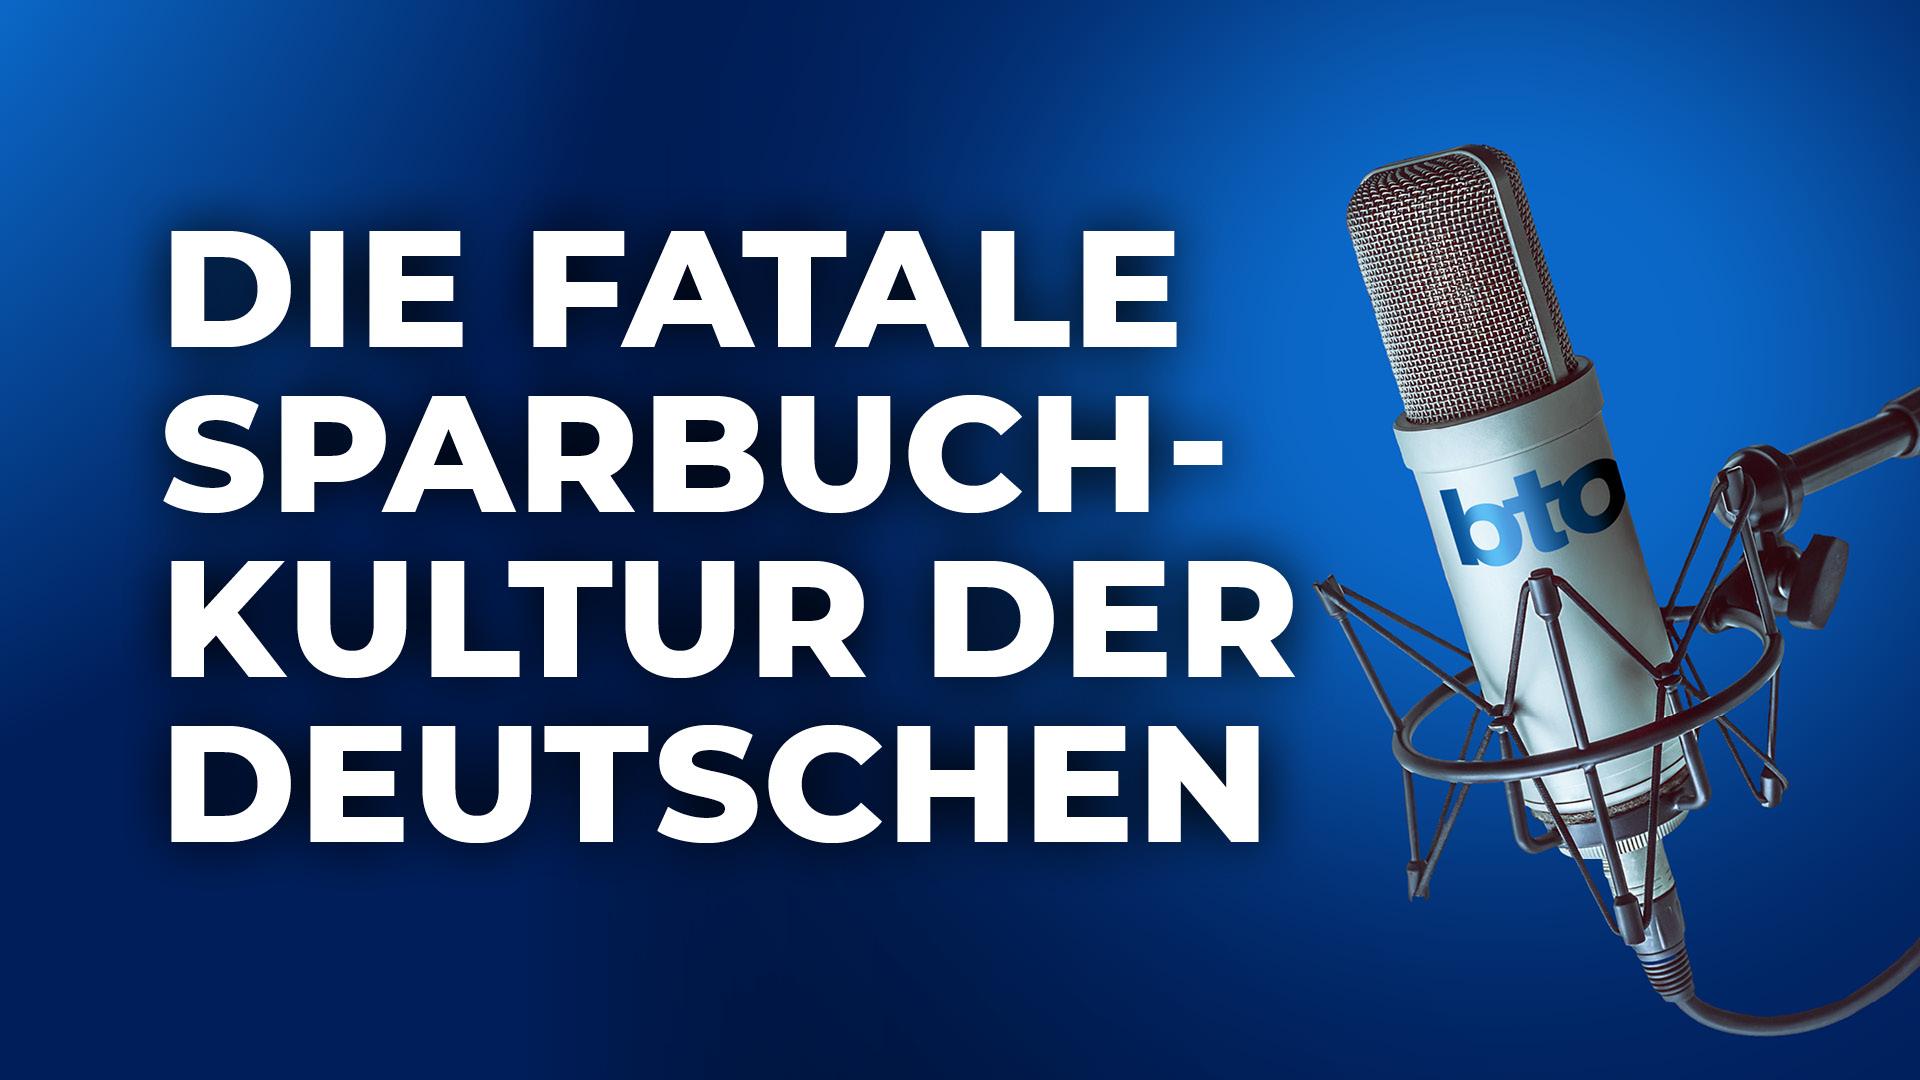 Die fatale Sparbuchkultur der Deutschen